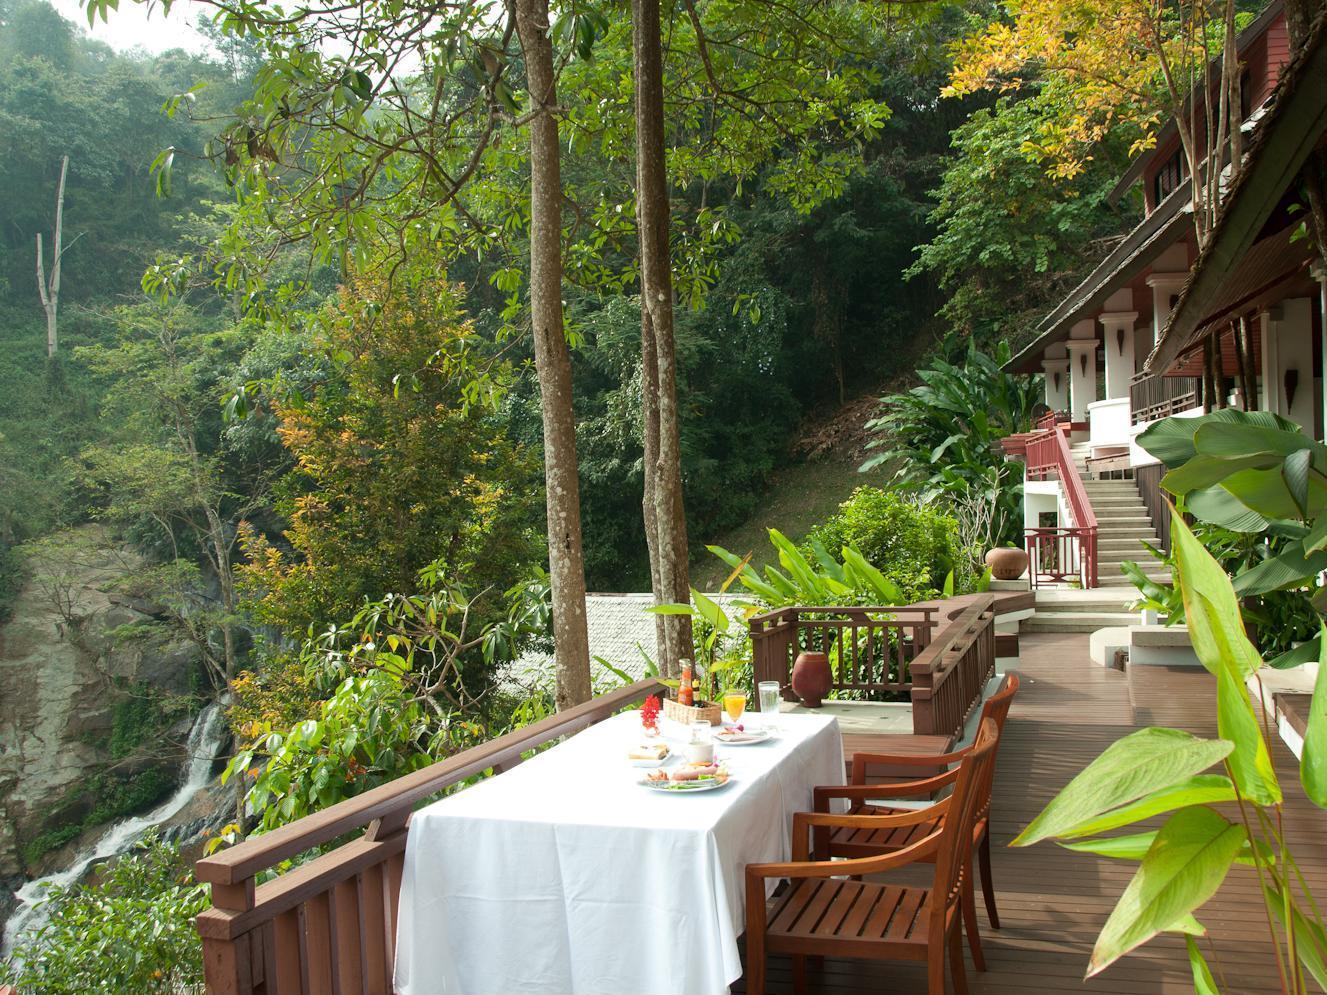 Kangsadarn Resort & Waterfall กังสดาล รีสอร์ท แอนด์ วอเตอร์ฟอลล์